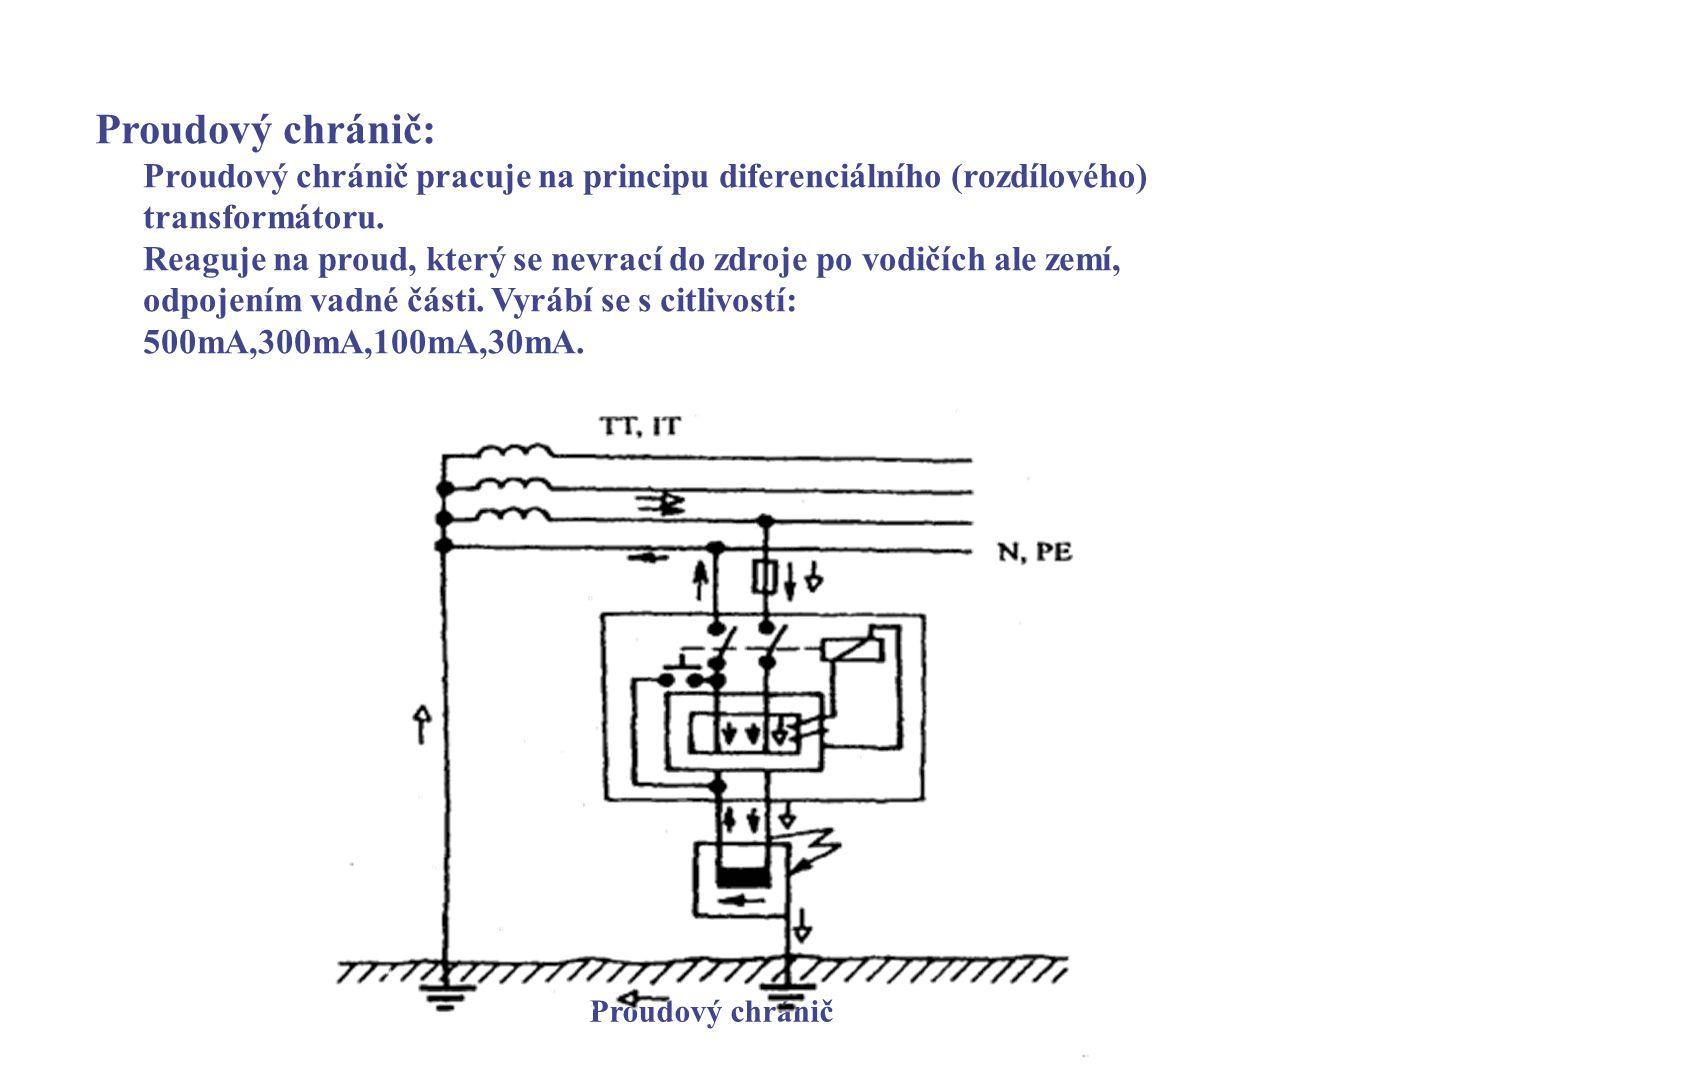 Proudový chránič: Proudový chránič pracuje na principu diferenciálního (rozdílového) transformátoru.